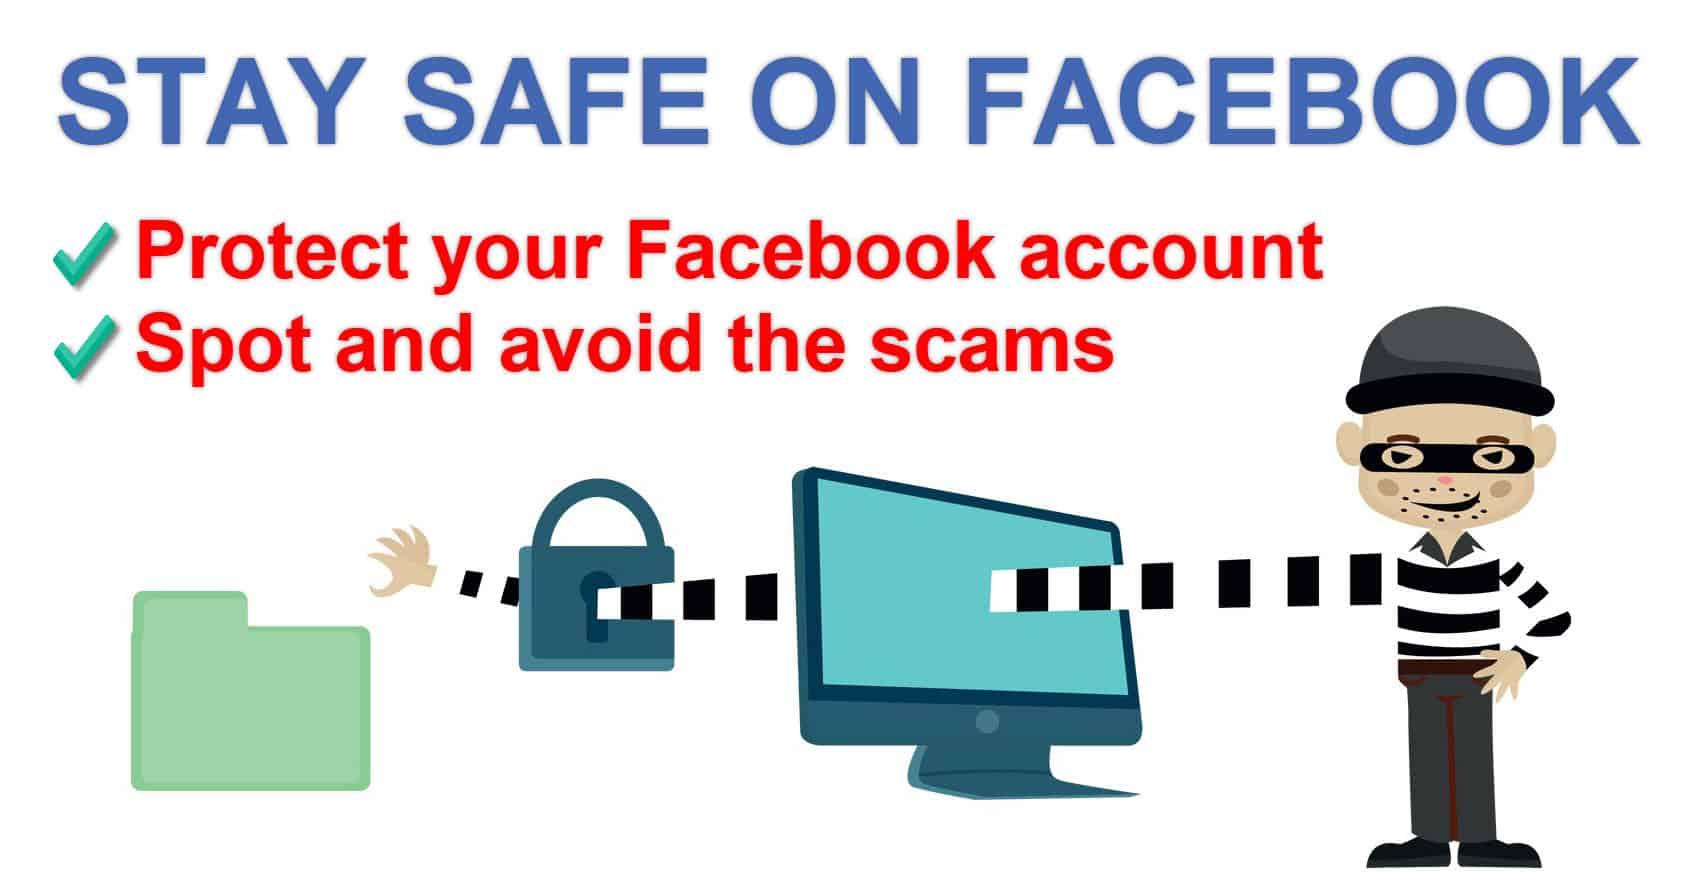 Stay safe on Facebook